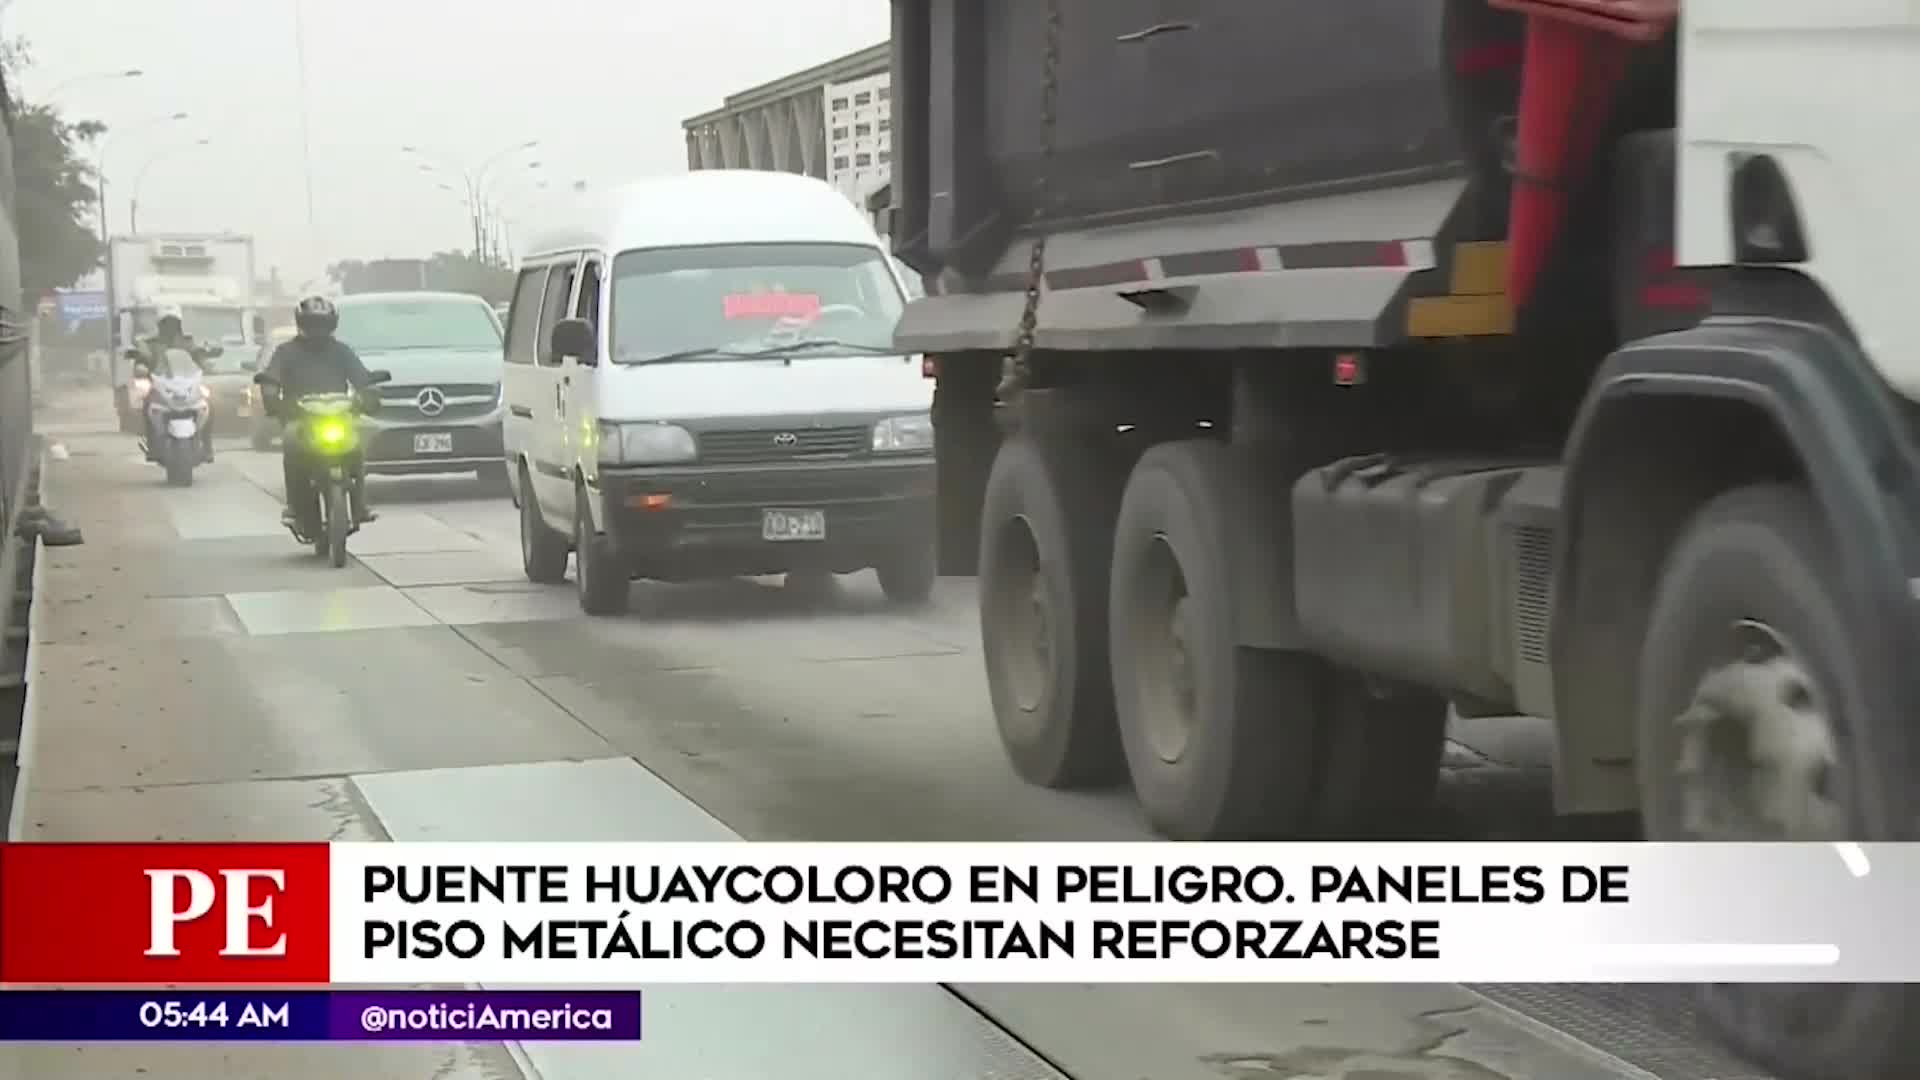 SJL: Denuncian que puente Huaycoloro se encuentra en peligro